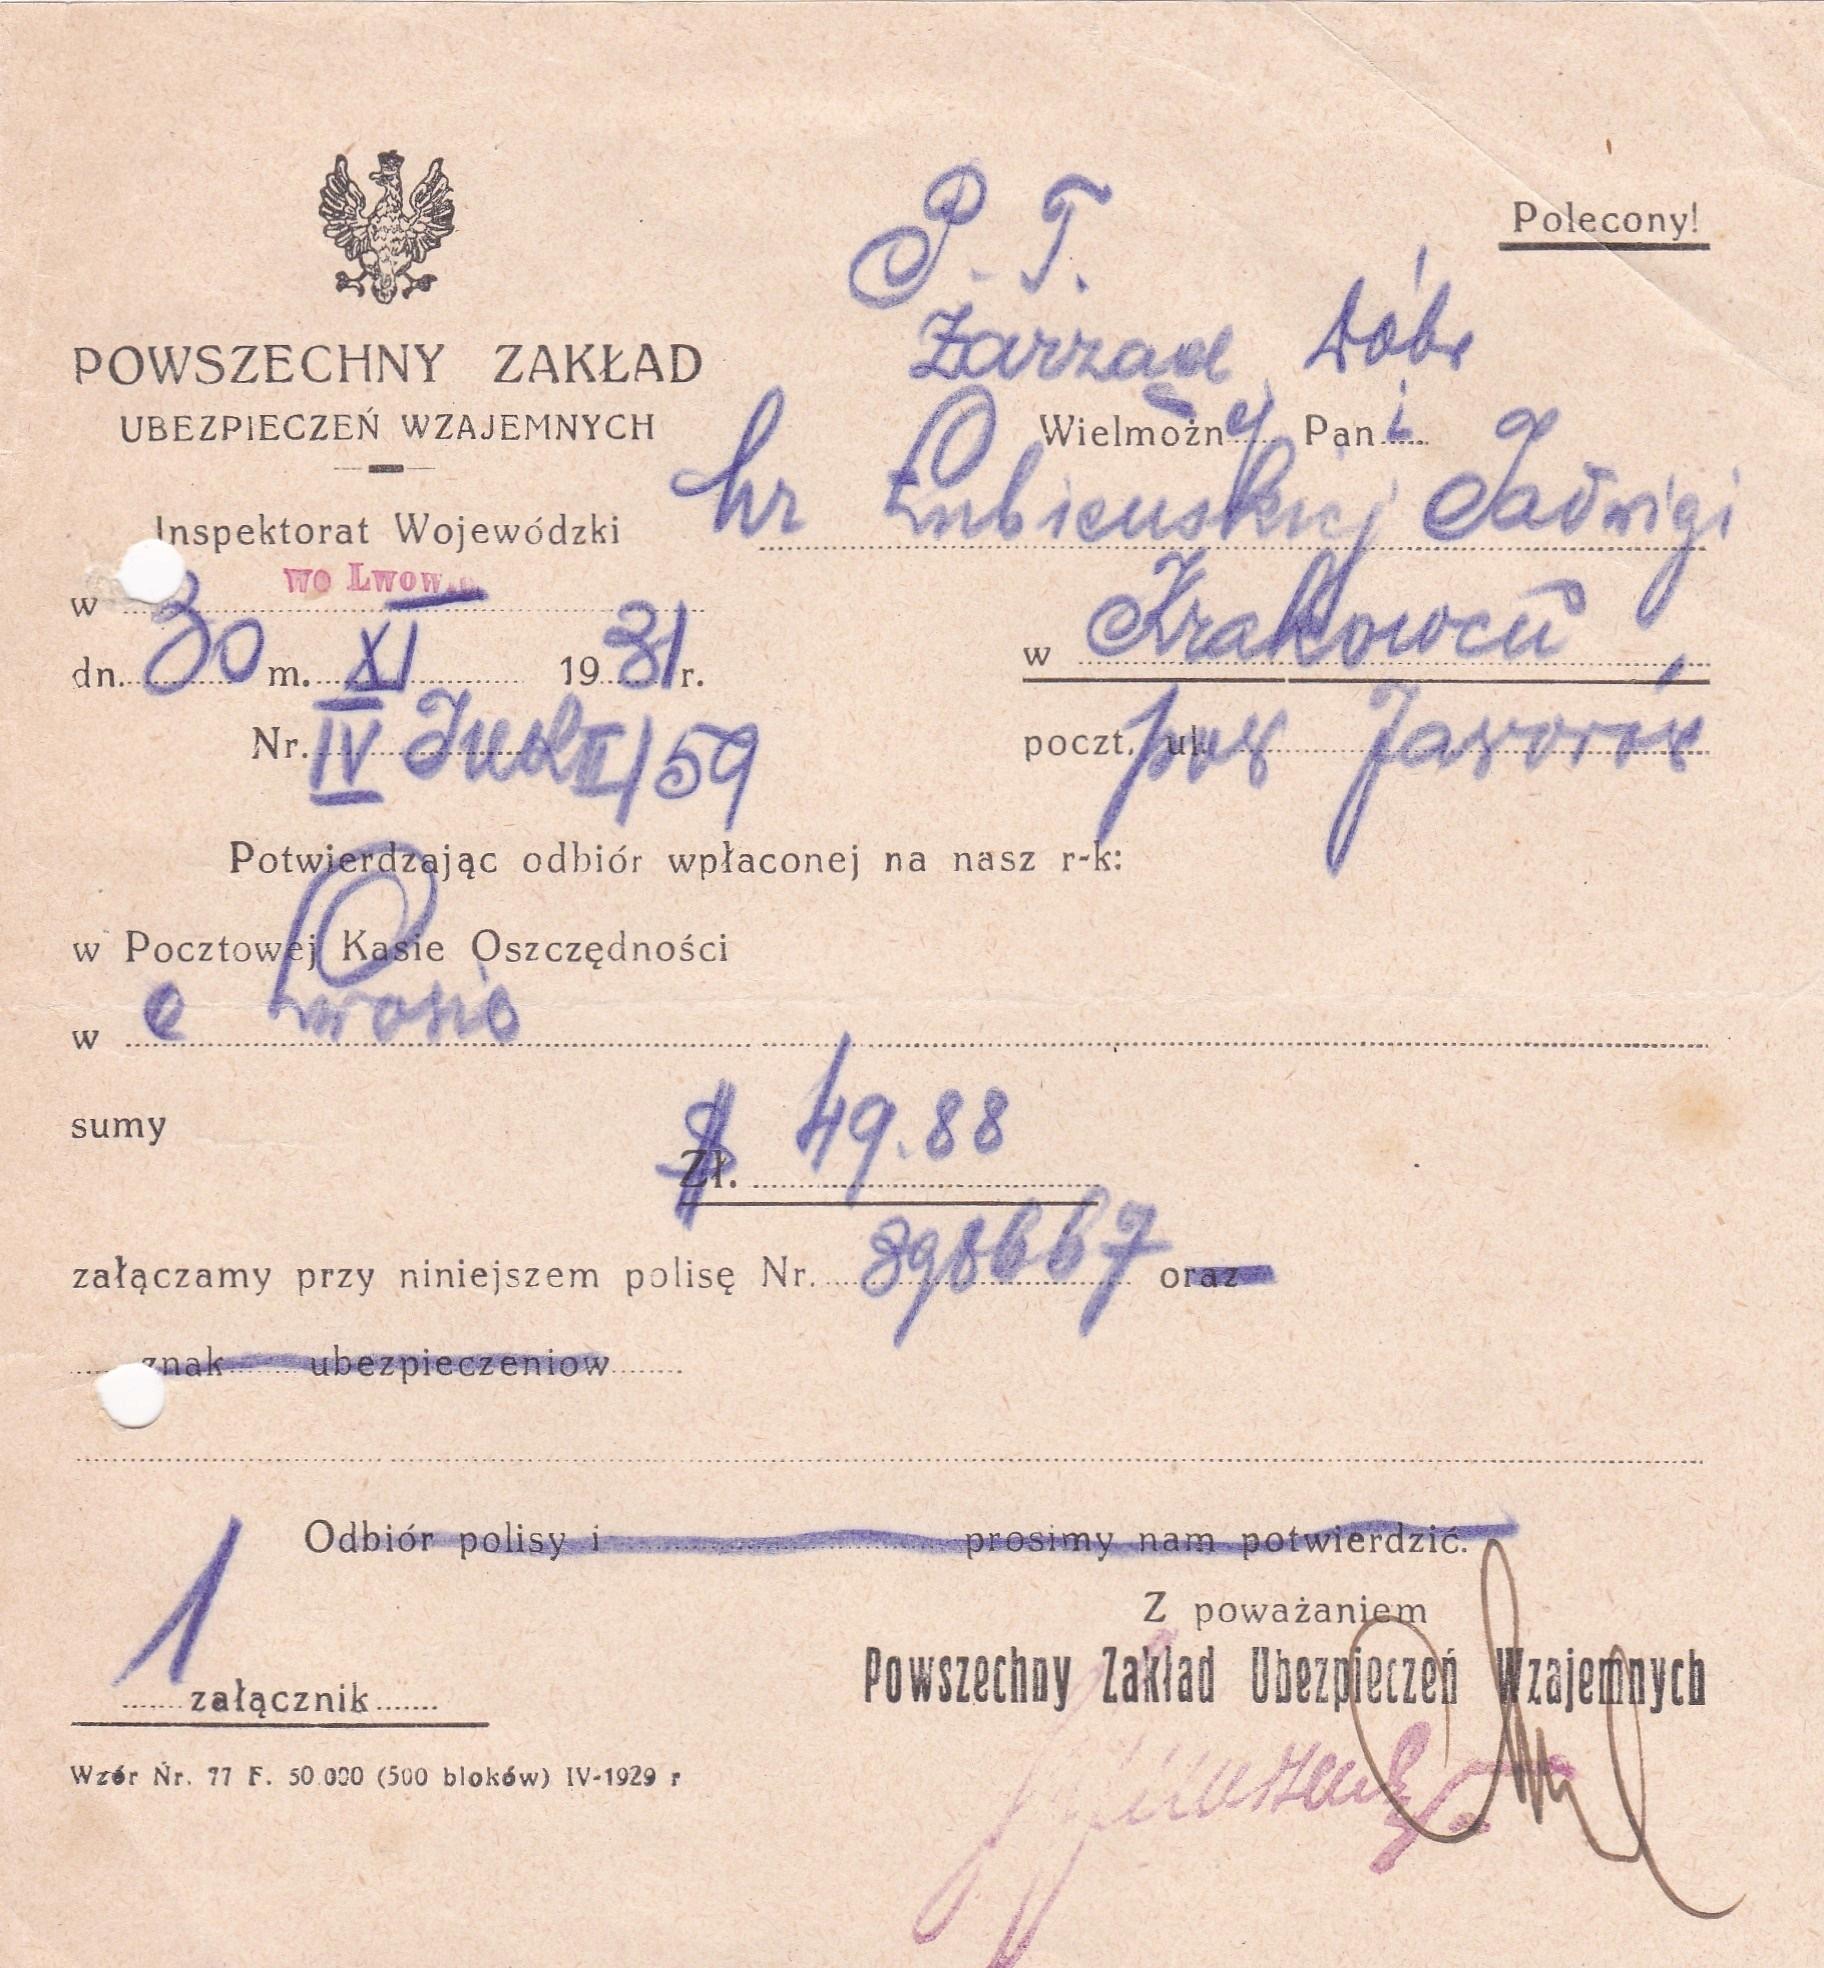 Dokument PZU Wzajemnych -1931 r.